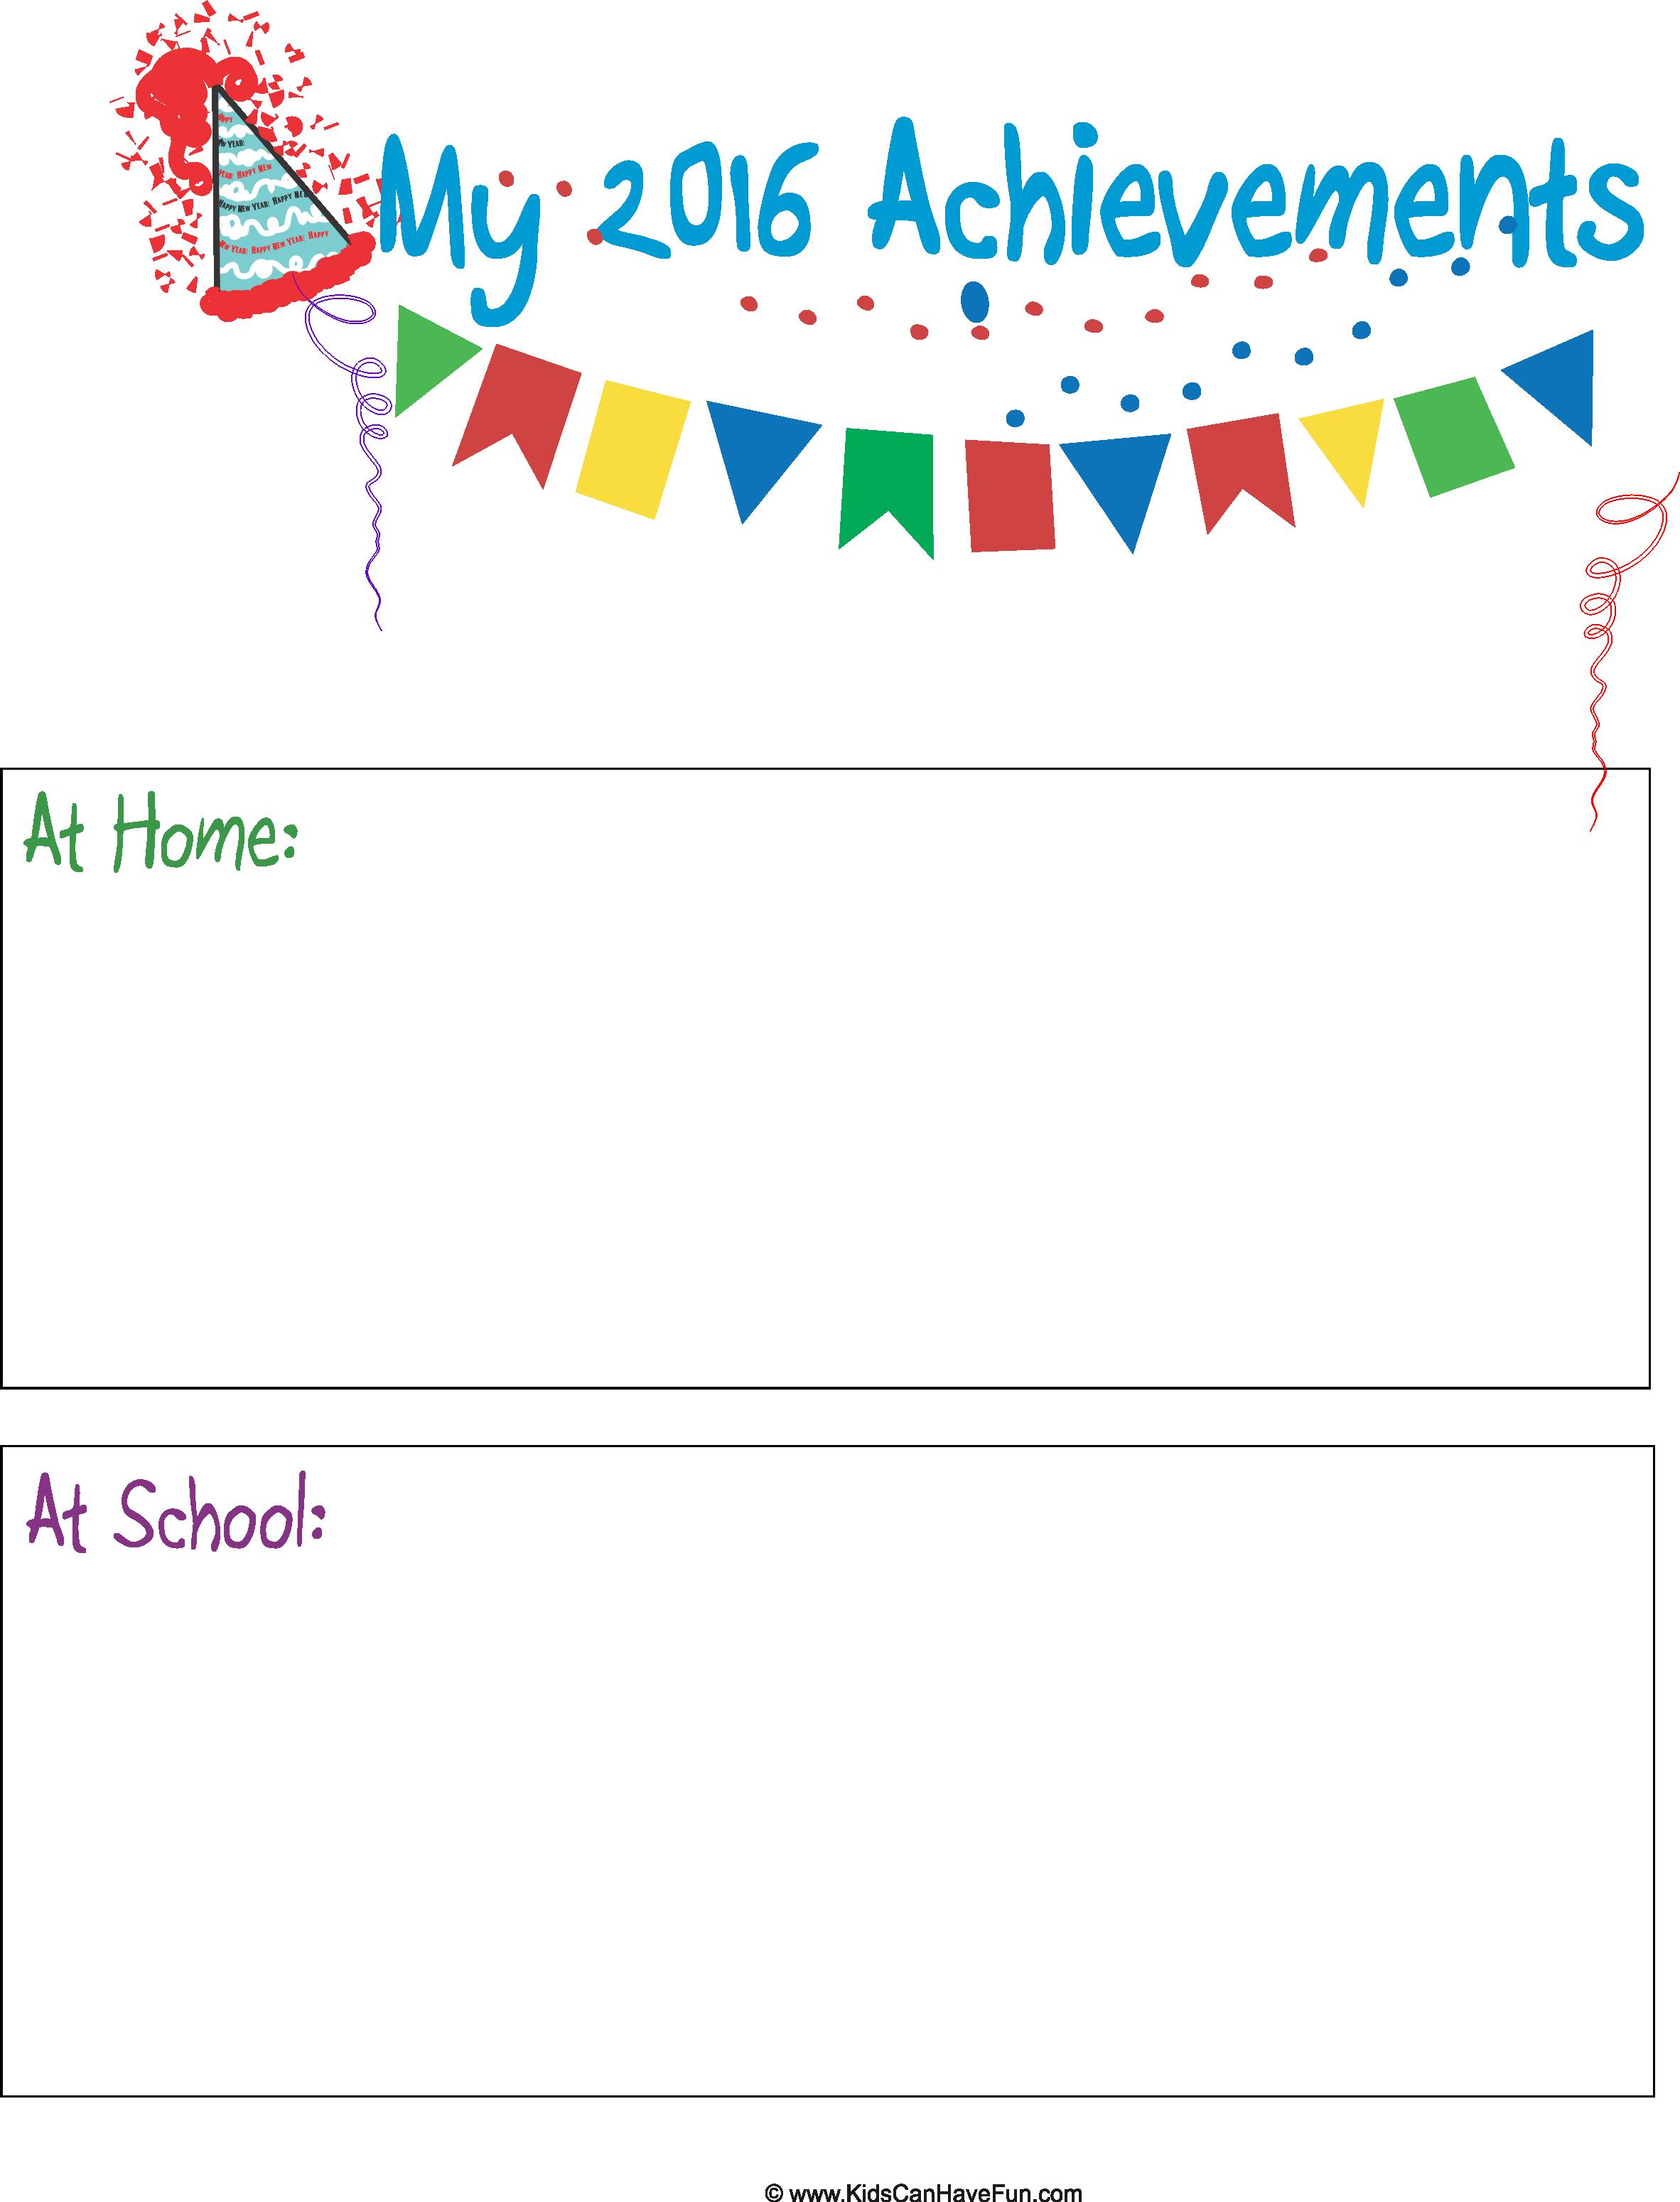 my achievements worksheet kidscanhavefun com new my 2016 achievements worksheet kidscanhavefun com new